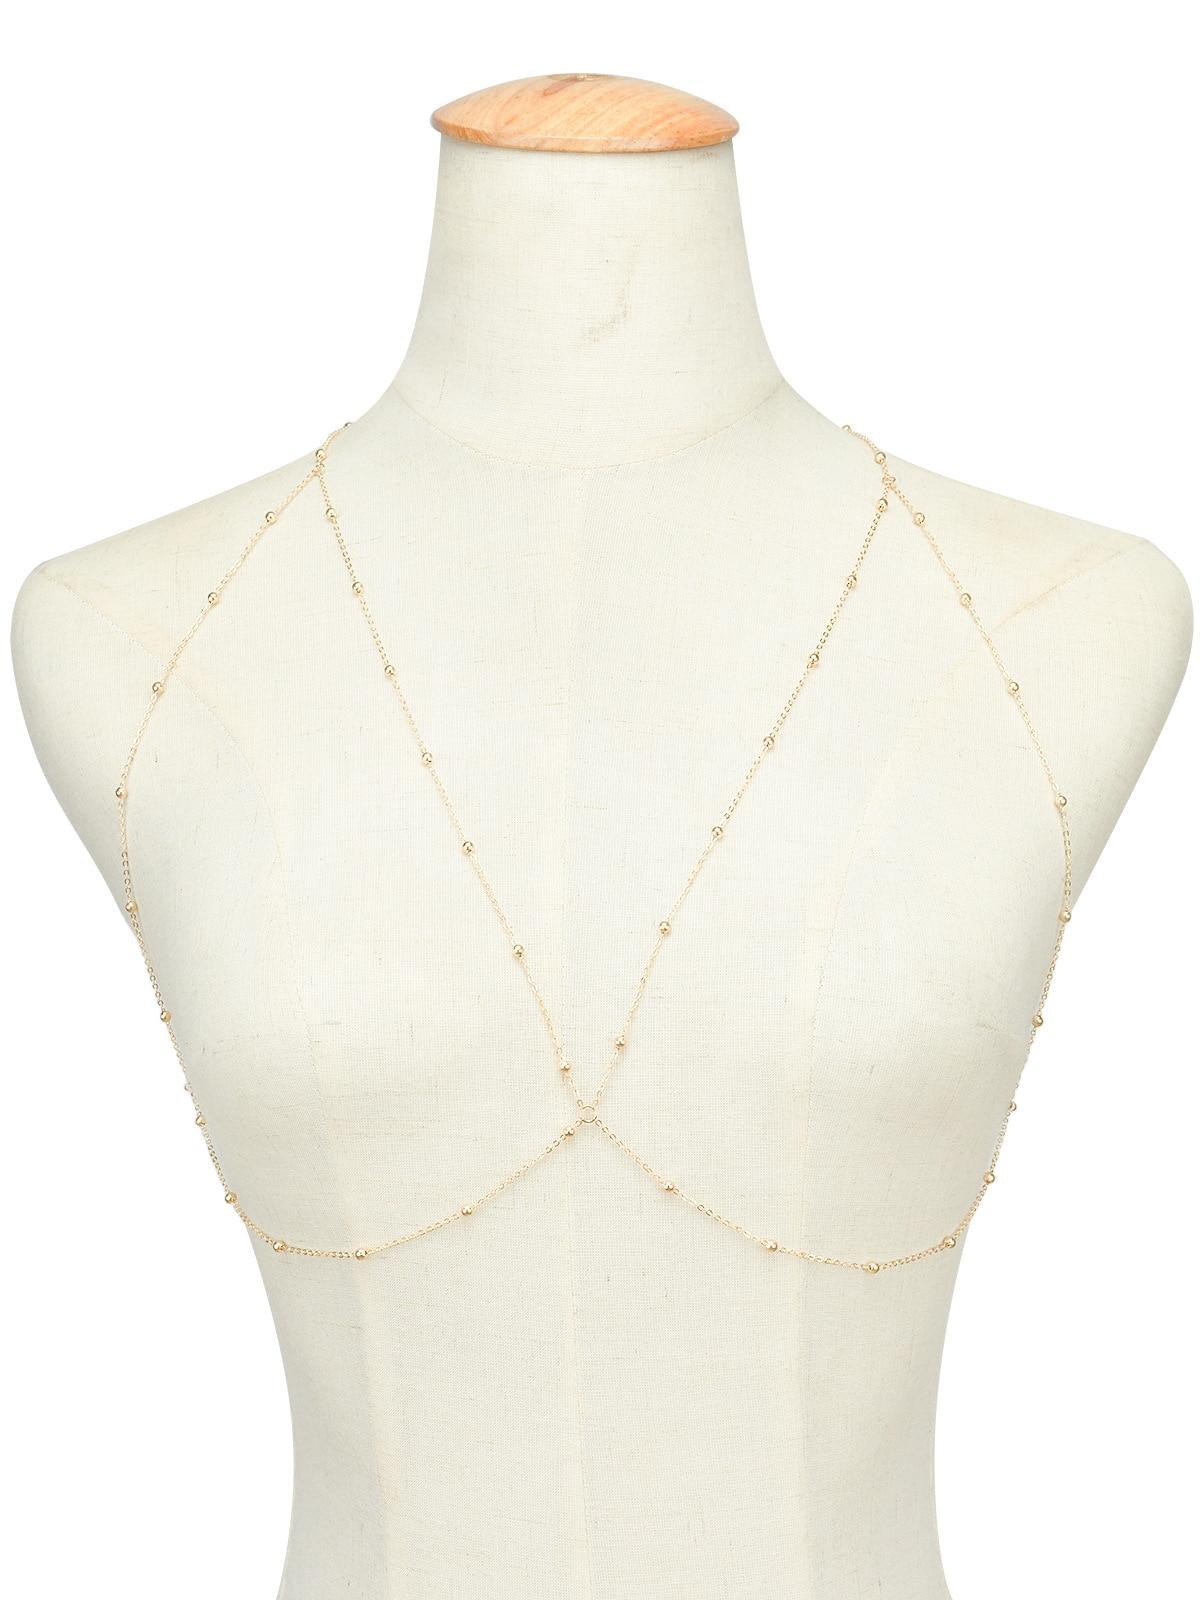 Fashion Body Chain women bohemia rhinestone Sexy gold Beach Bikini Harness for bra Bralette chain Straps accessories 3